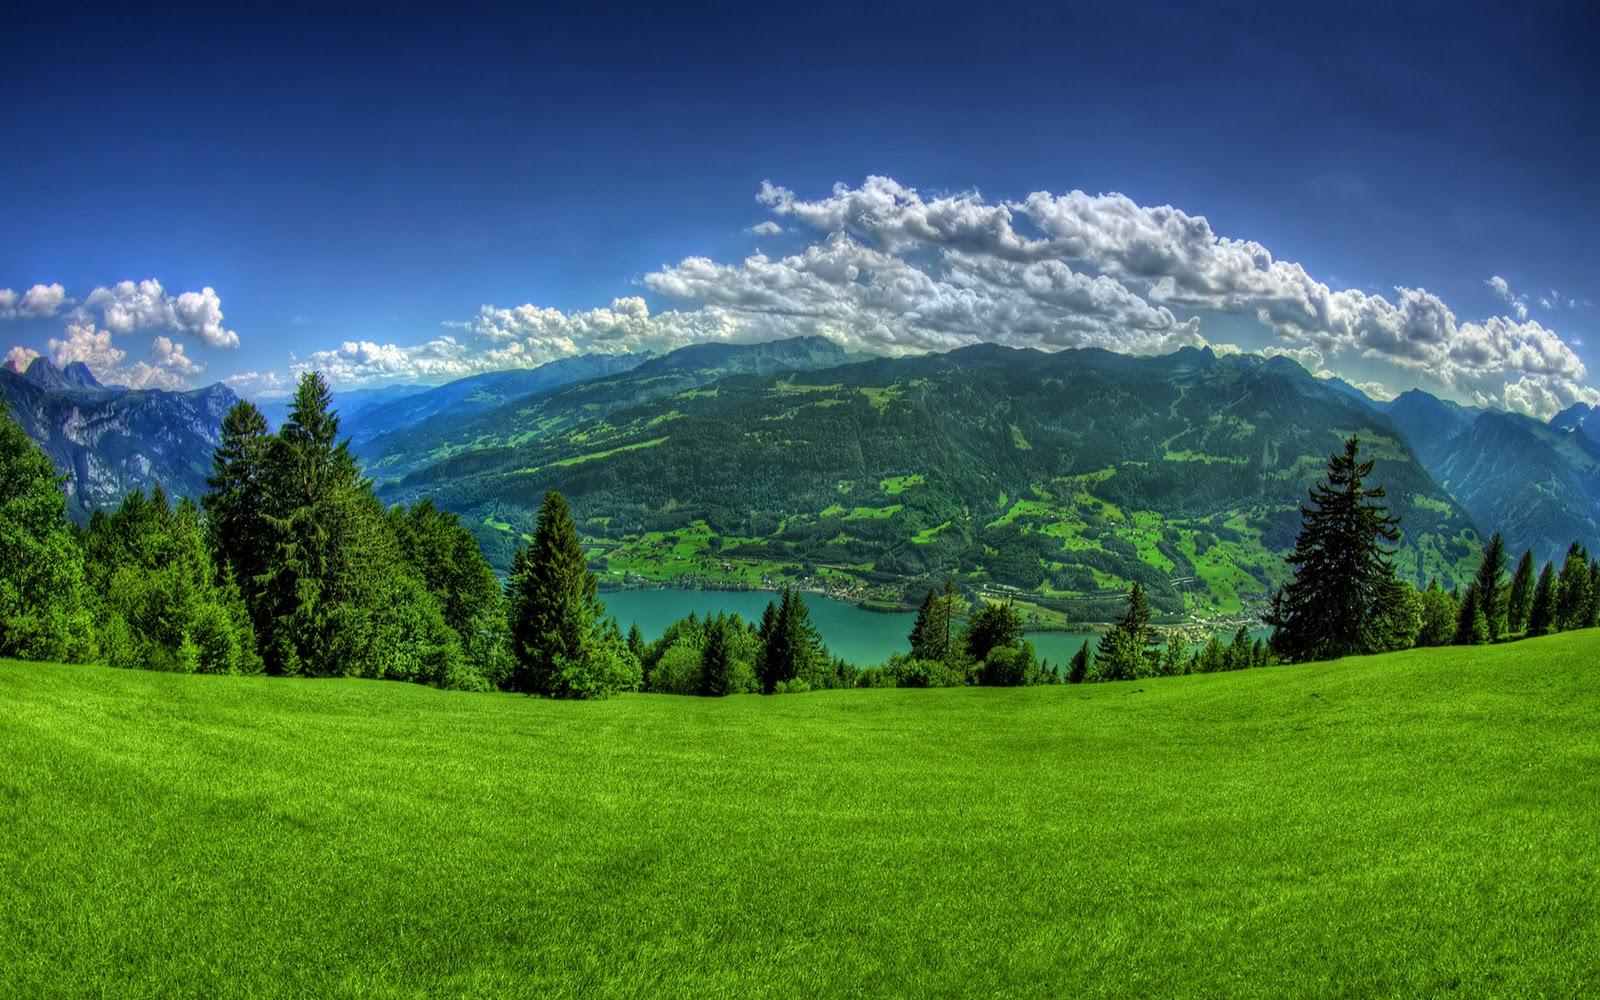 pemandangan alam hijau pemandangan